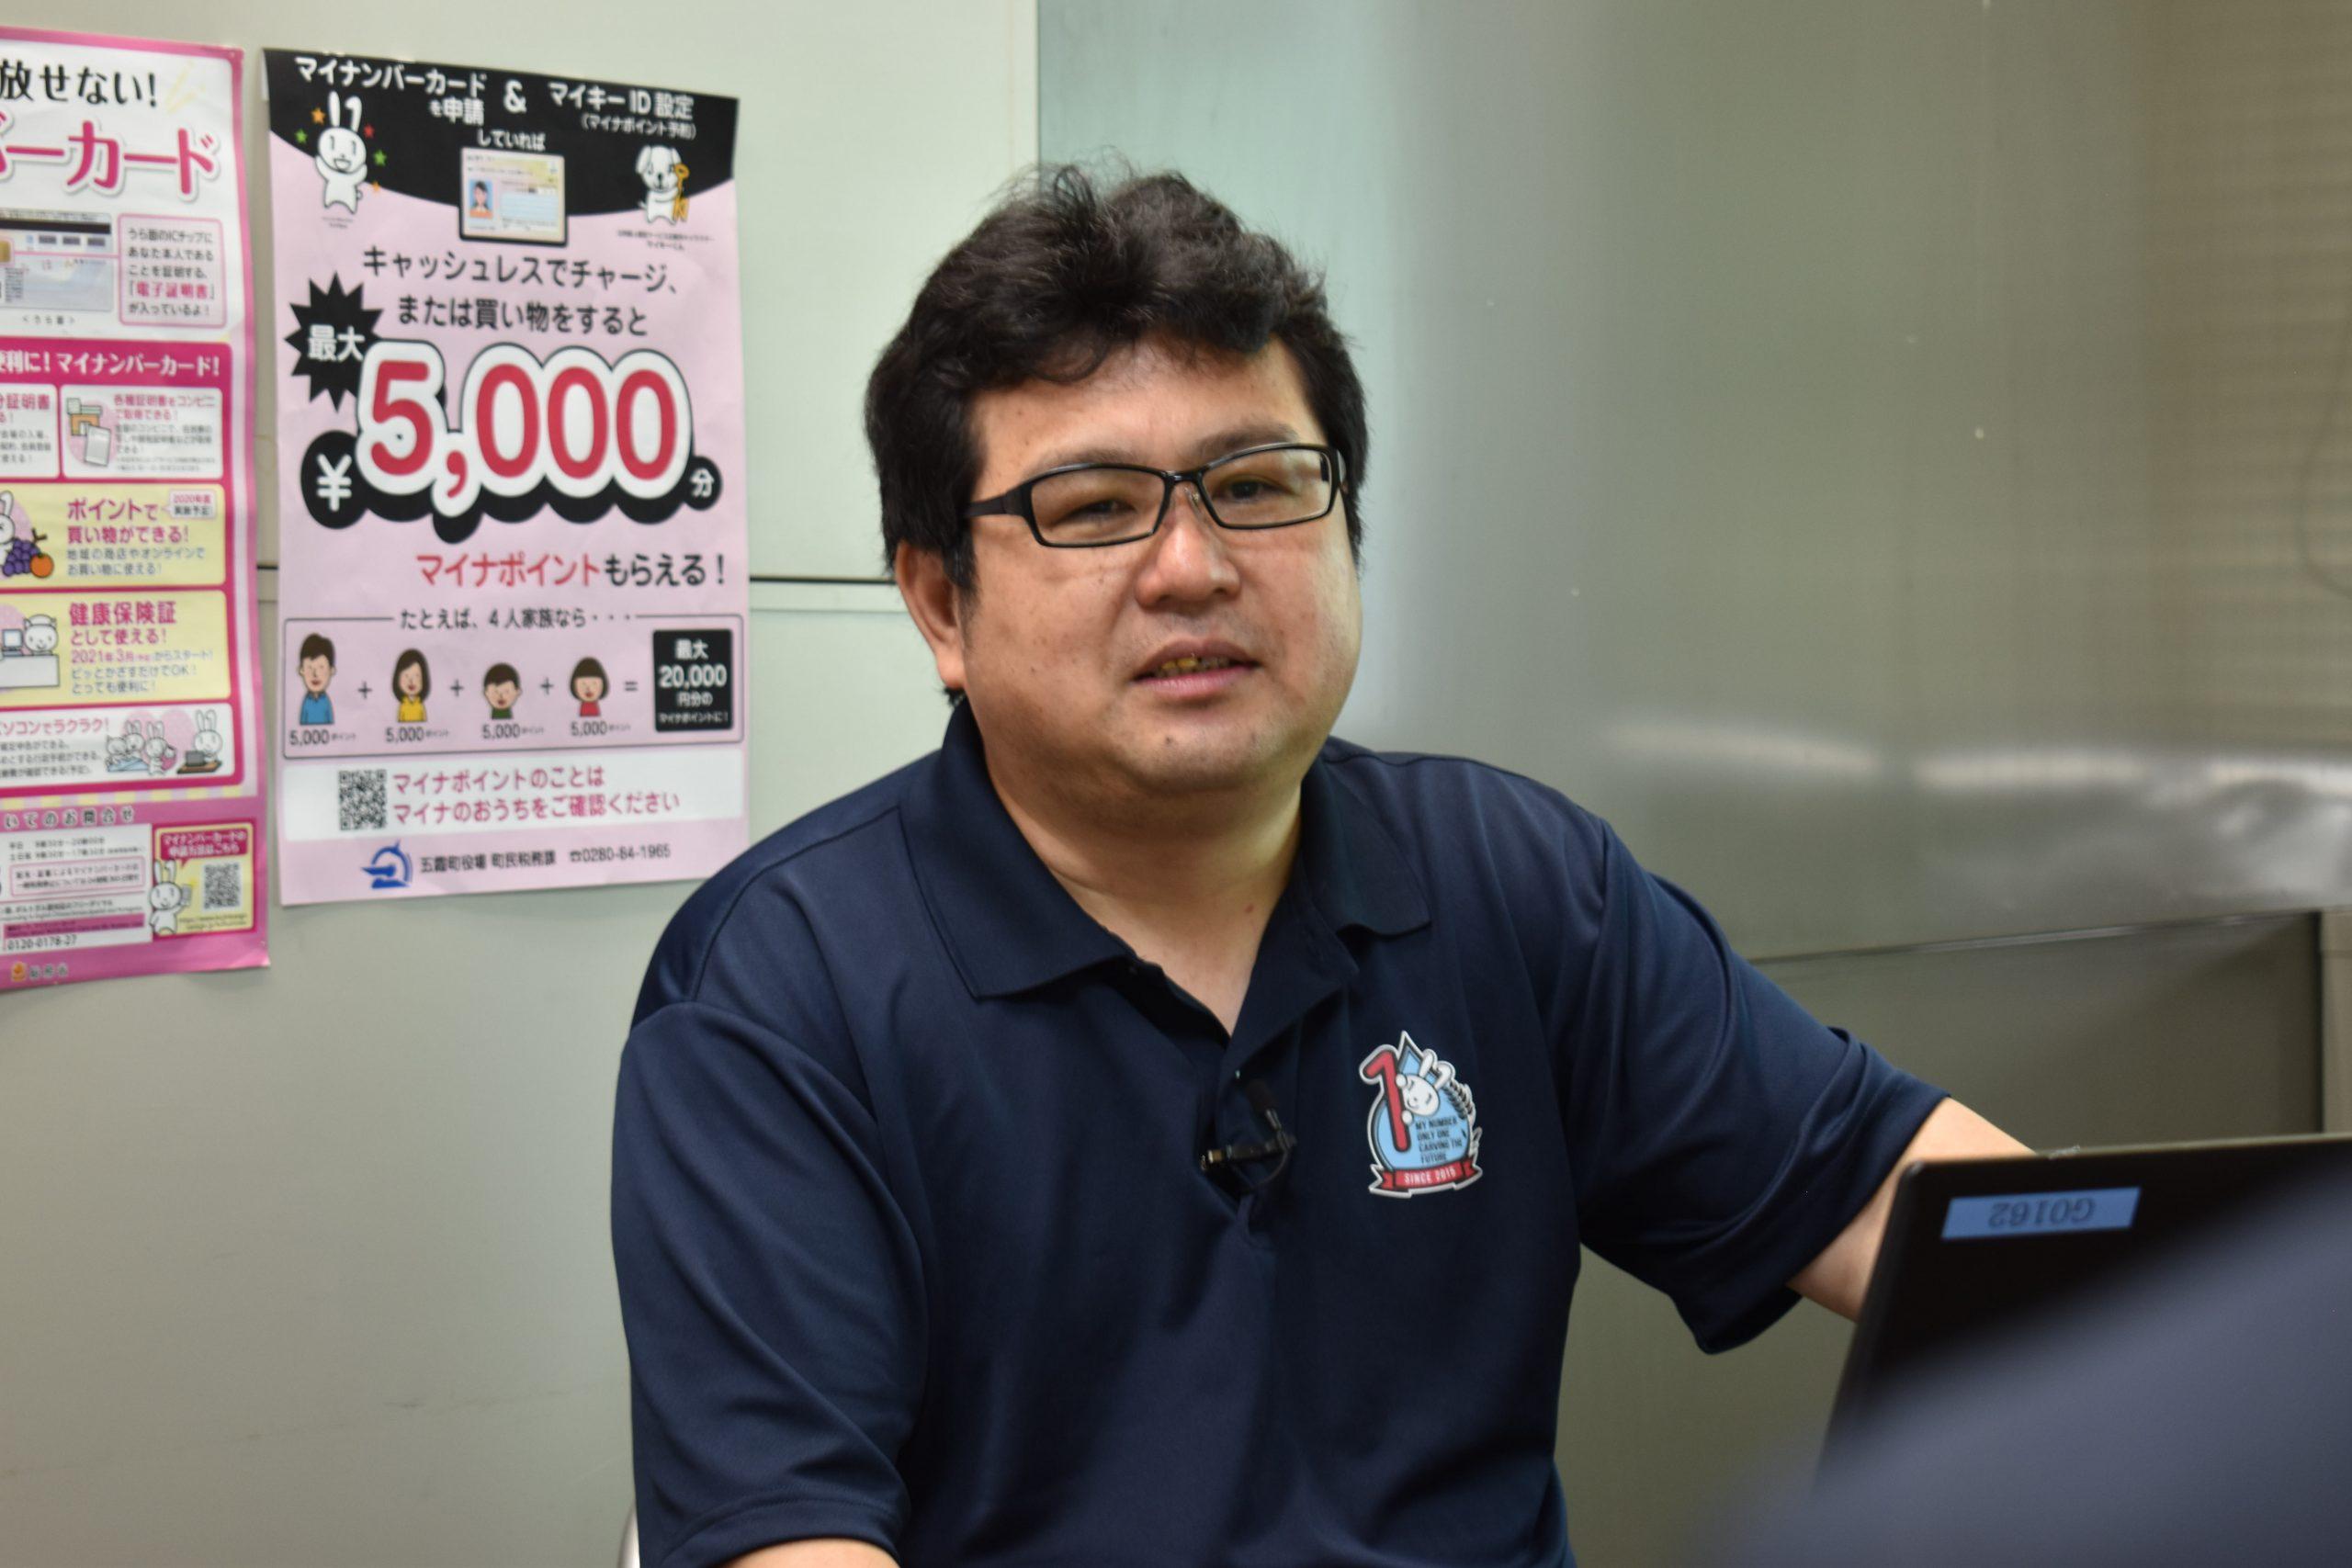 茨城県五霞町 マイナンバーカードの普及を後押しする独自策[インタビュー]